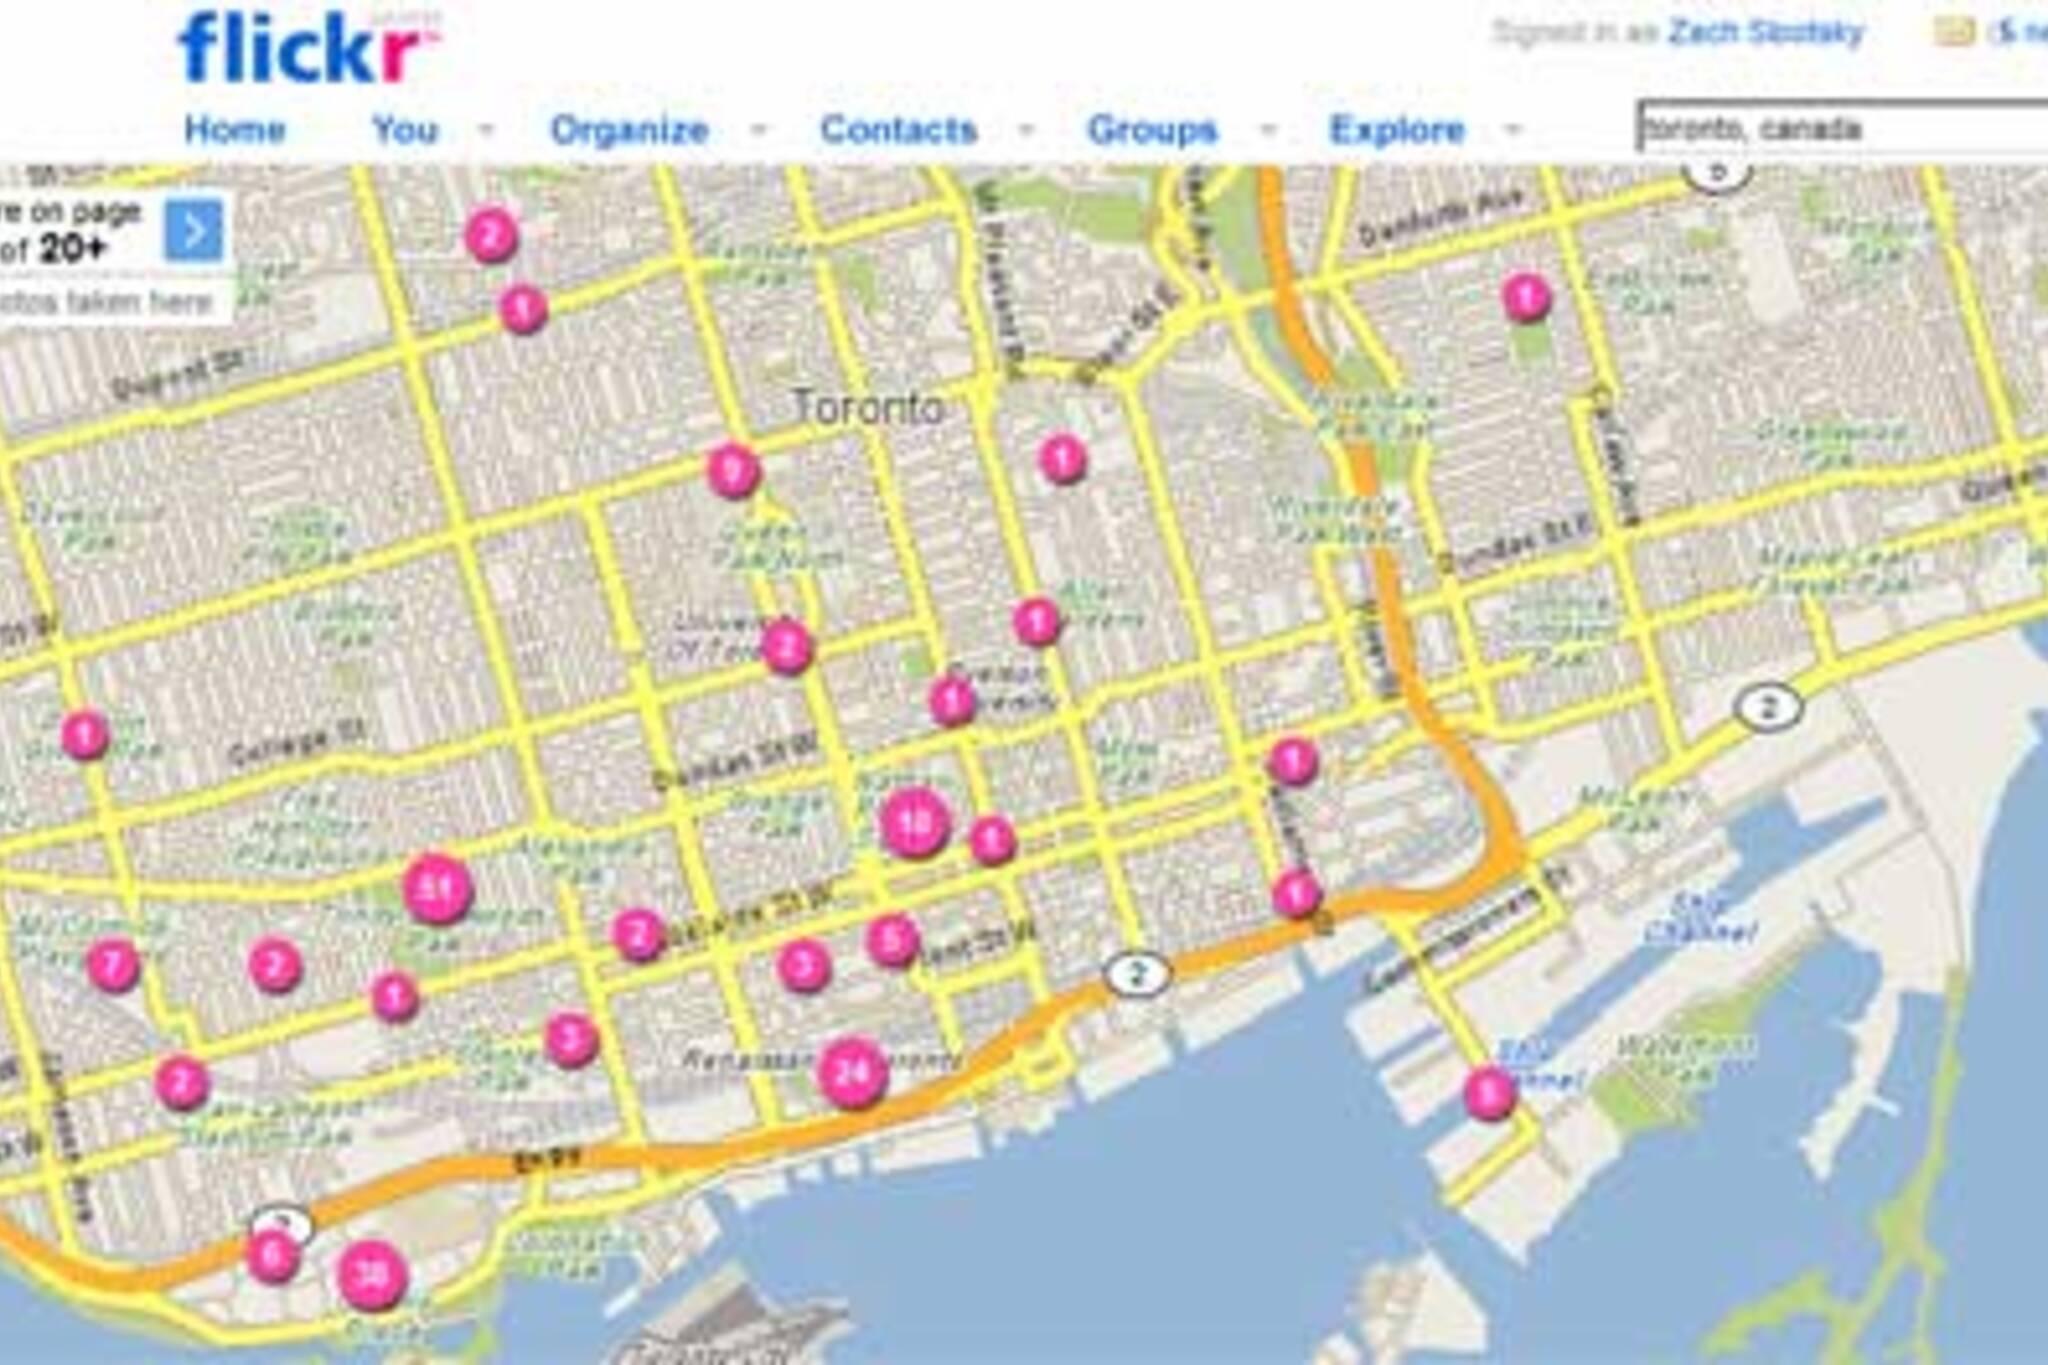 flickr-maps-toronto.jpg